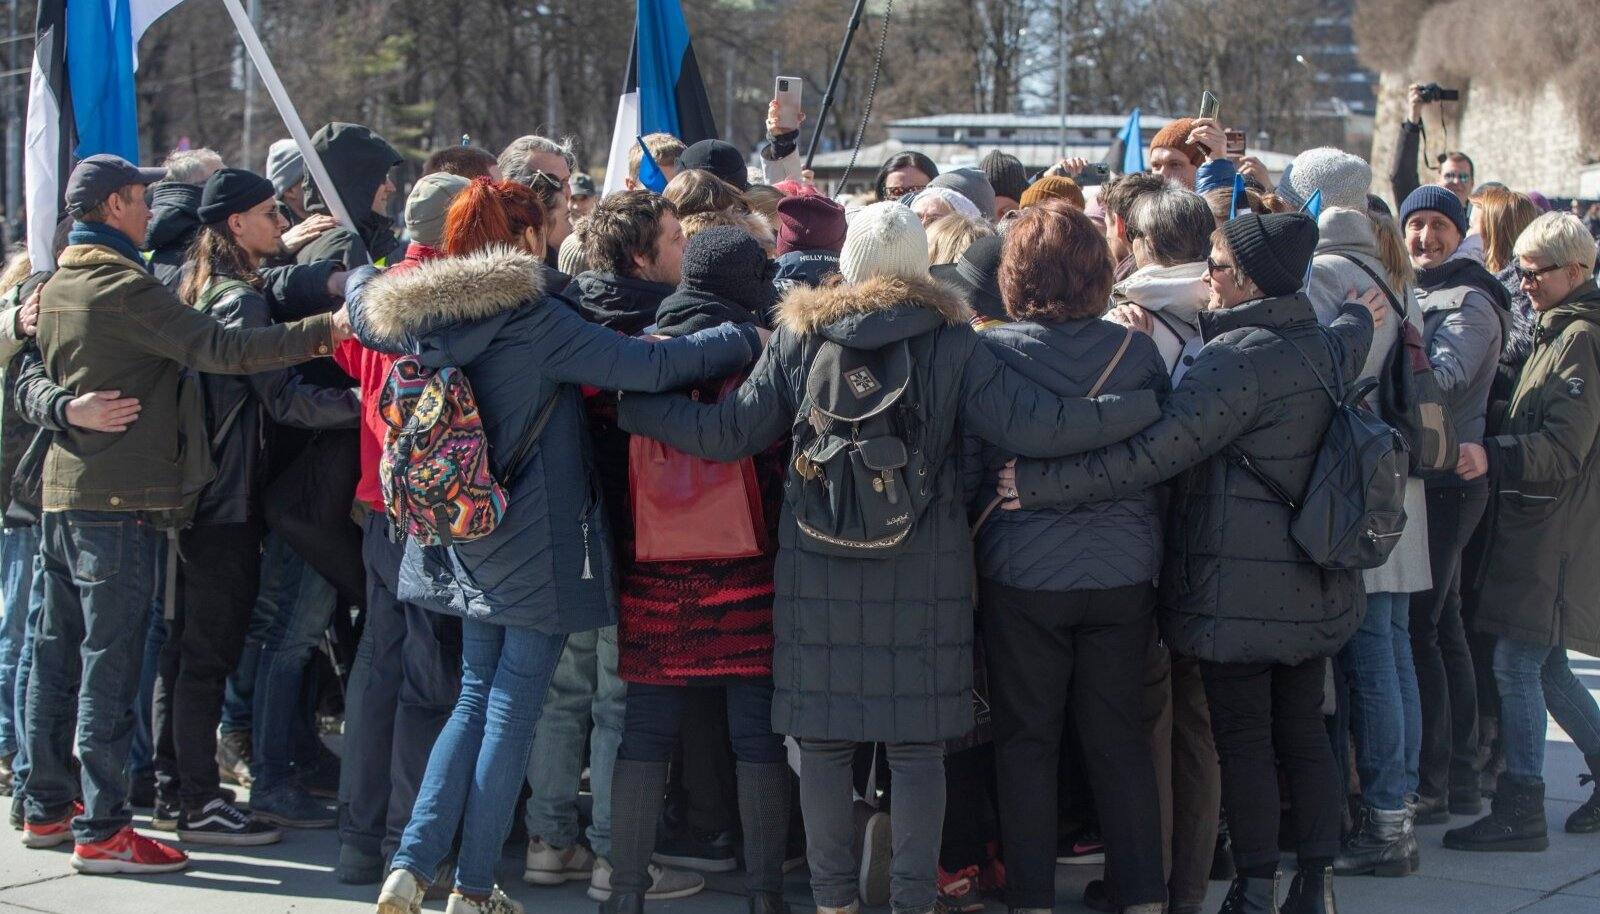 Grupikalli Vabaduse väljaku meeleavaldusel. Vandenõuteooriaid toetab inimeste vajadus samamoodi mõtlevas kogukonnas olla, kahtlejad heidetakse kiiresti ringist välja.